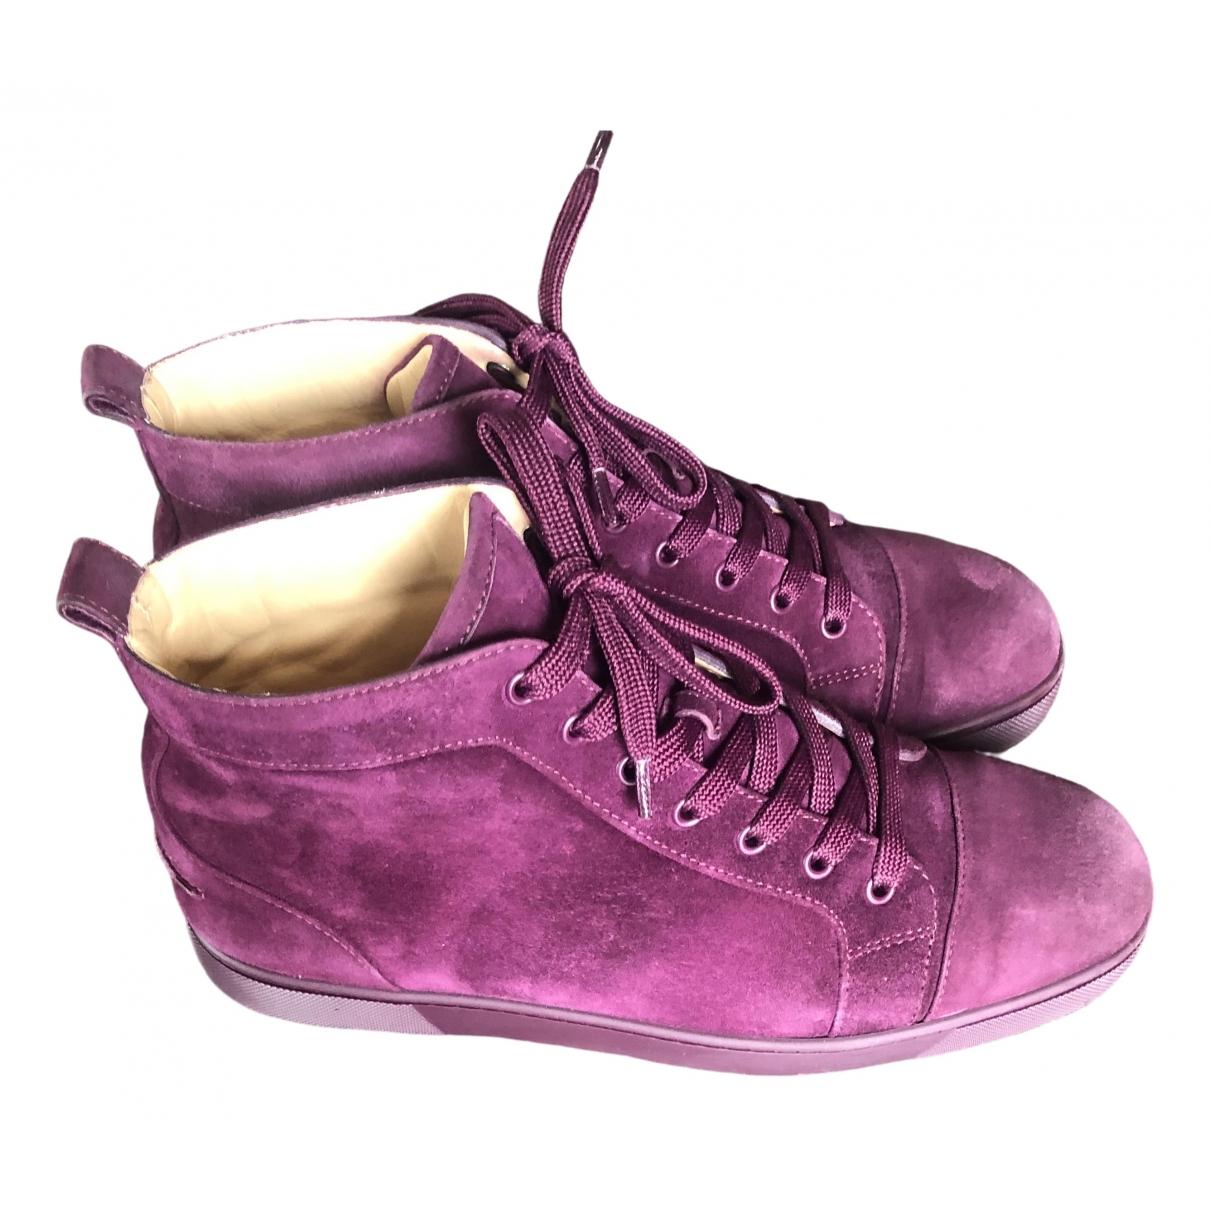 Christian Louboutin - Baskets Louis pour homme en suede - violet